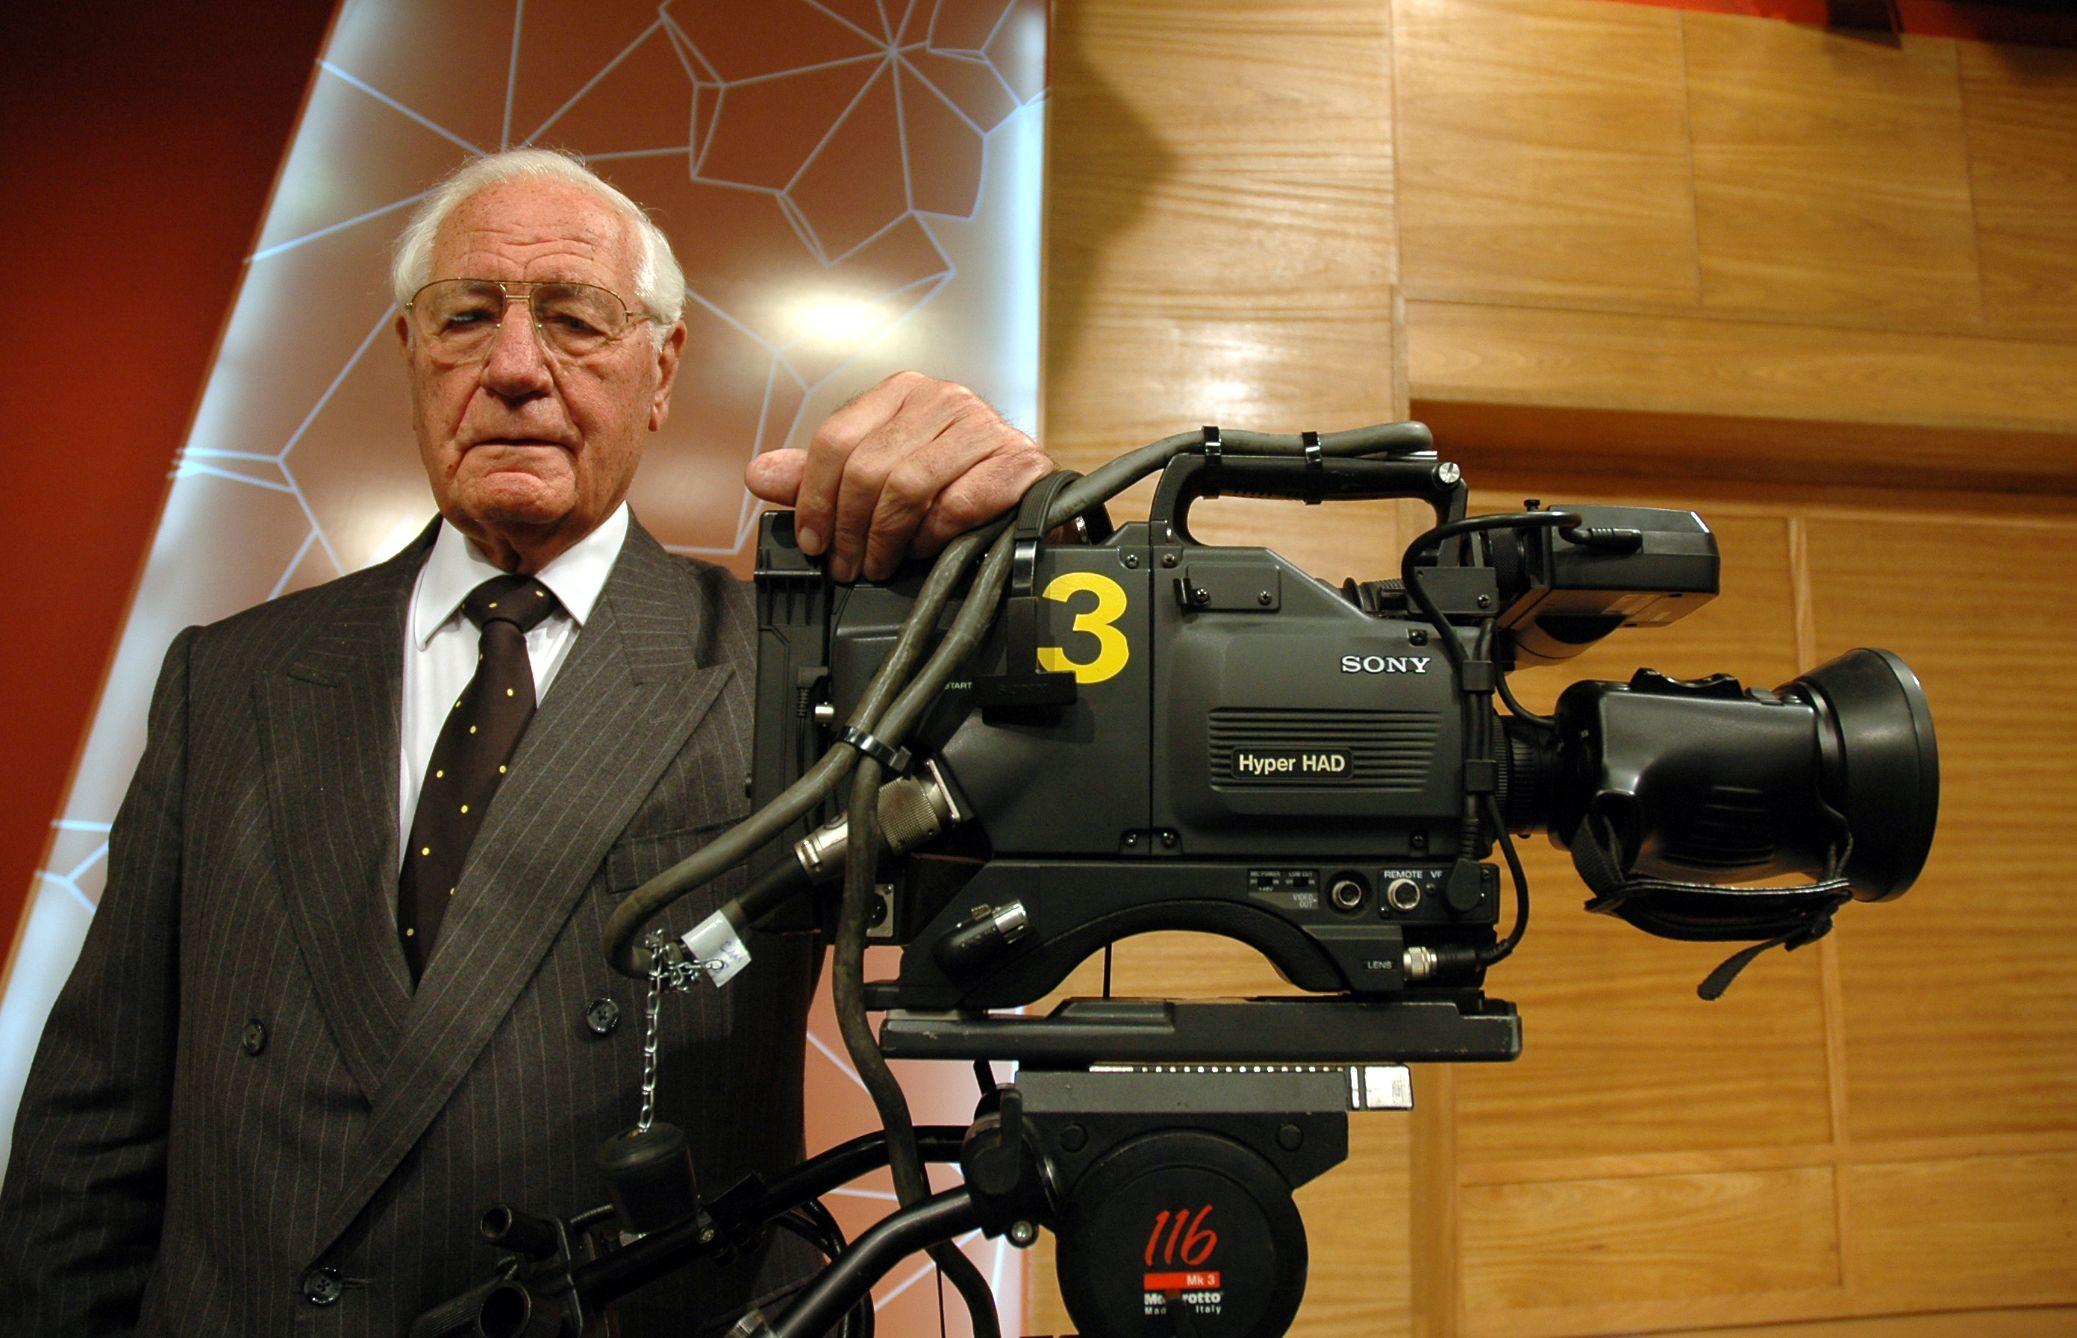 Gollán fue uno de los grandes impulsores de la televisión local. Su impronta y estilo trascendieron las fronteras de la ciudad. (Foto: E.Rodríguez)